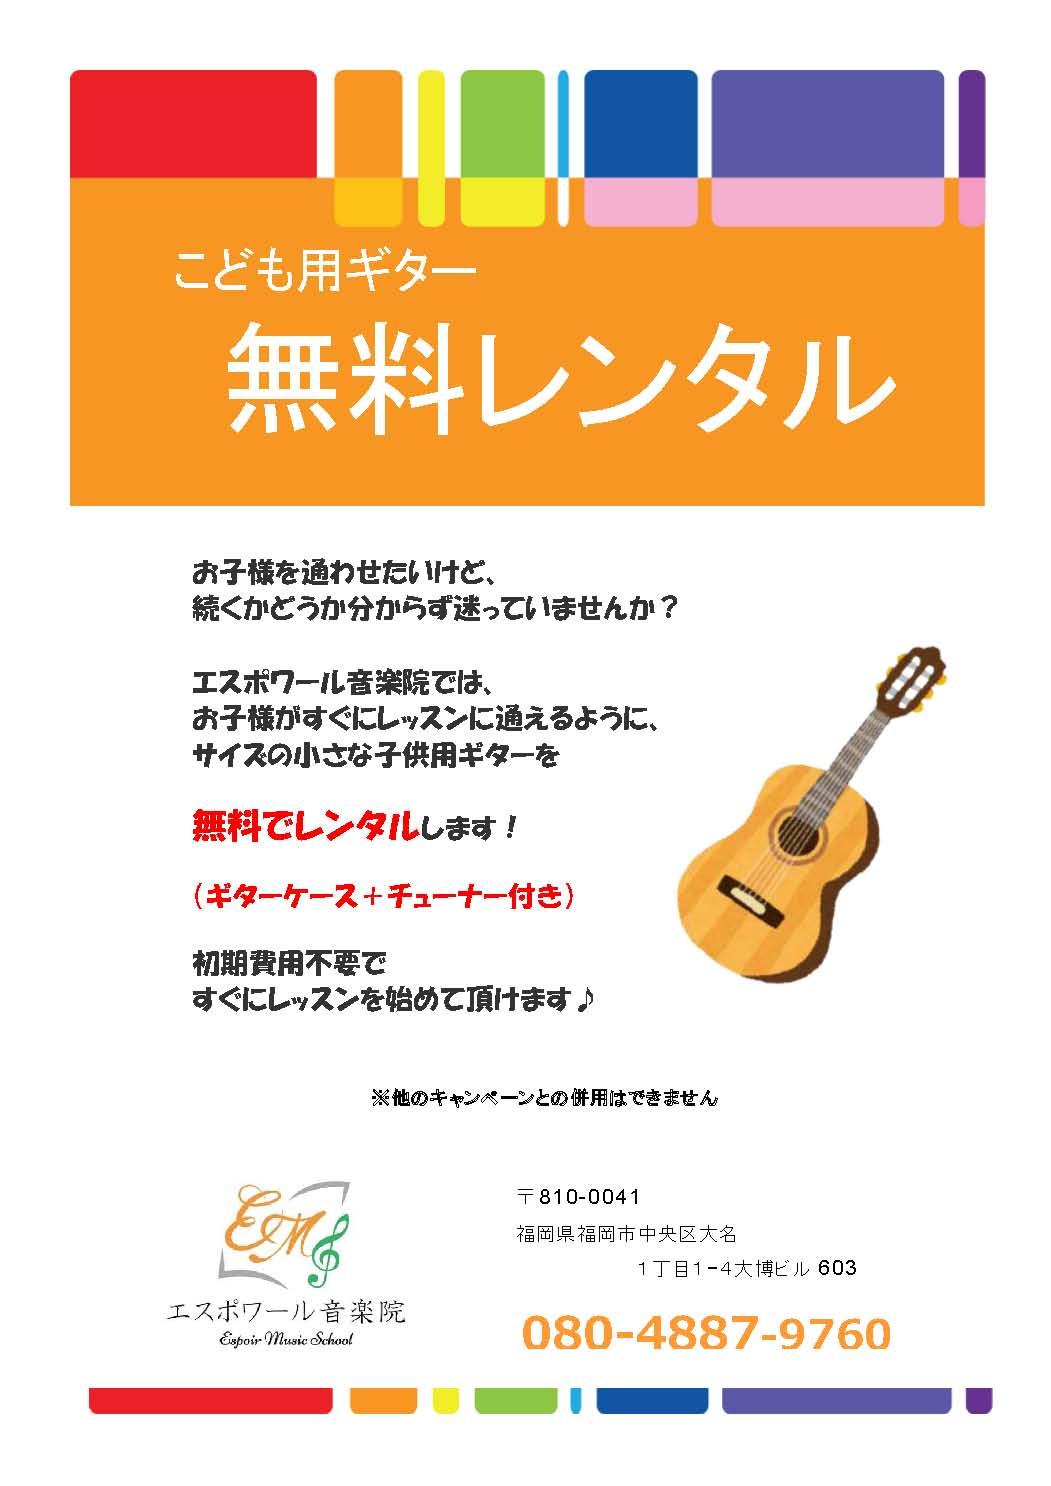 子供用ギター無料レンタル